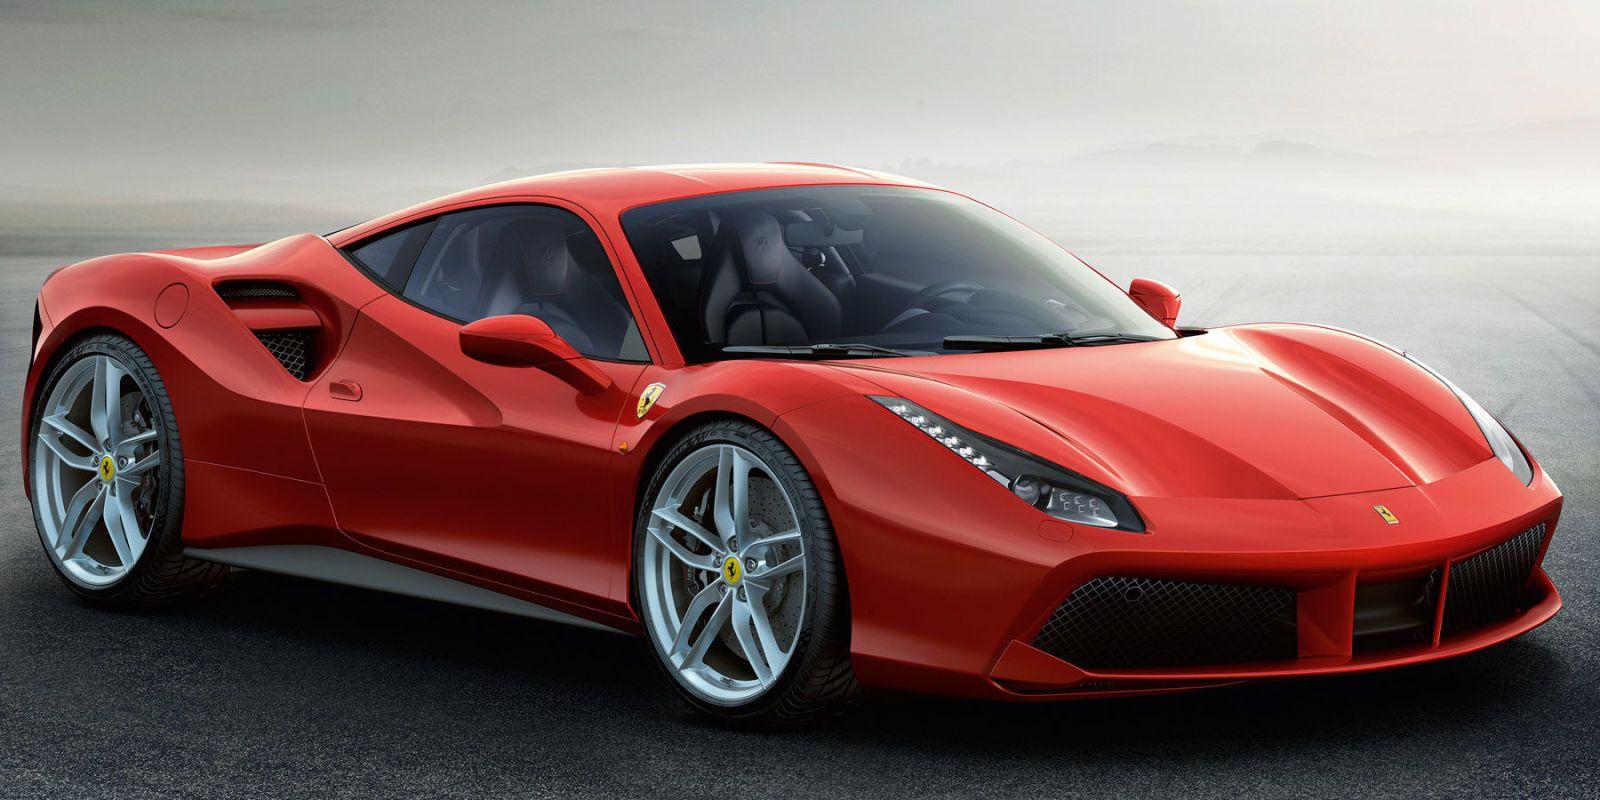 http://static2.therichestimages.com/cdn/1000/500/90/cw/wp-content/uploads/2015/04/Ferrari-488-GTB.jpg